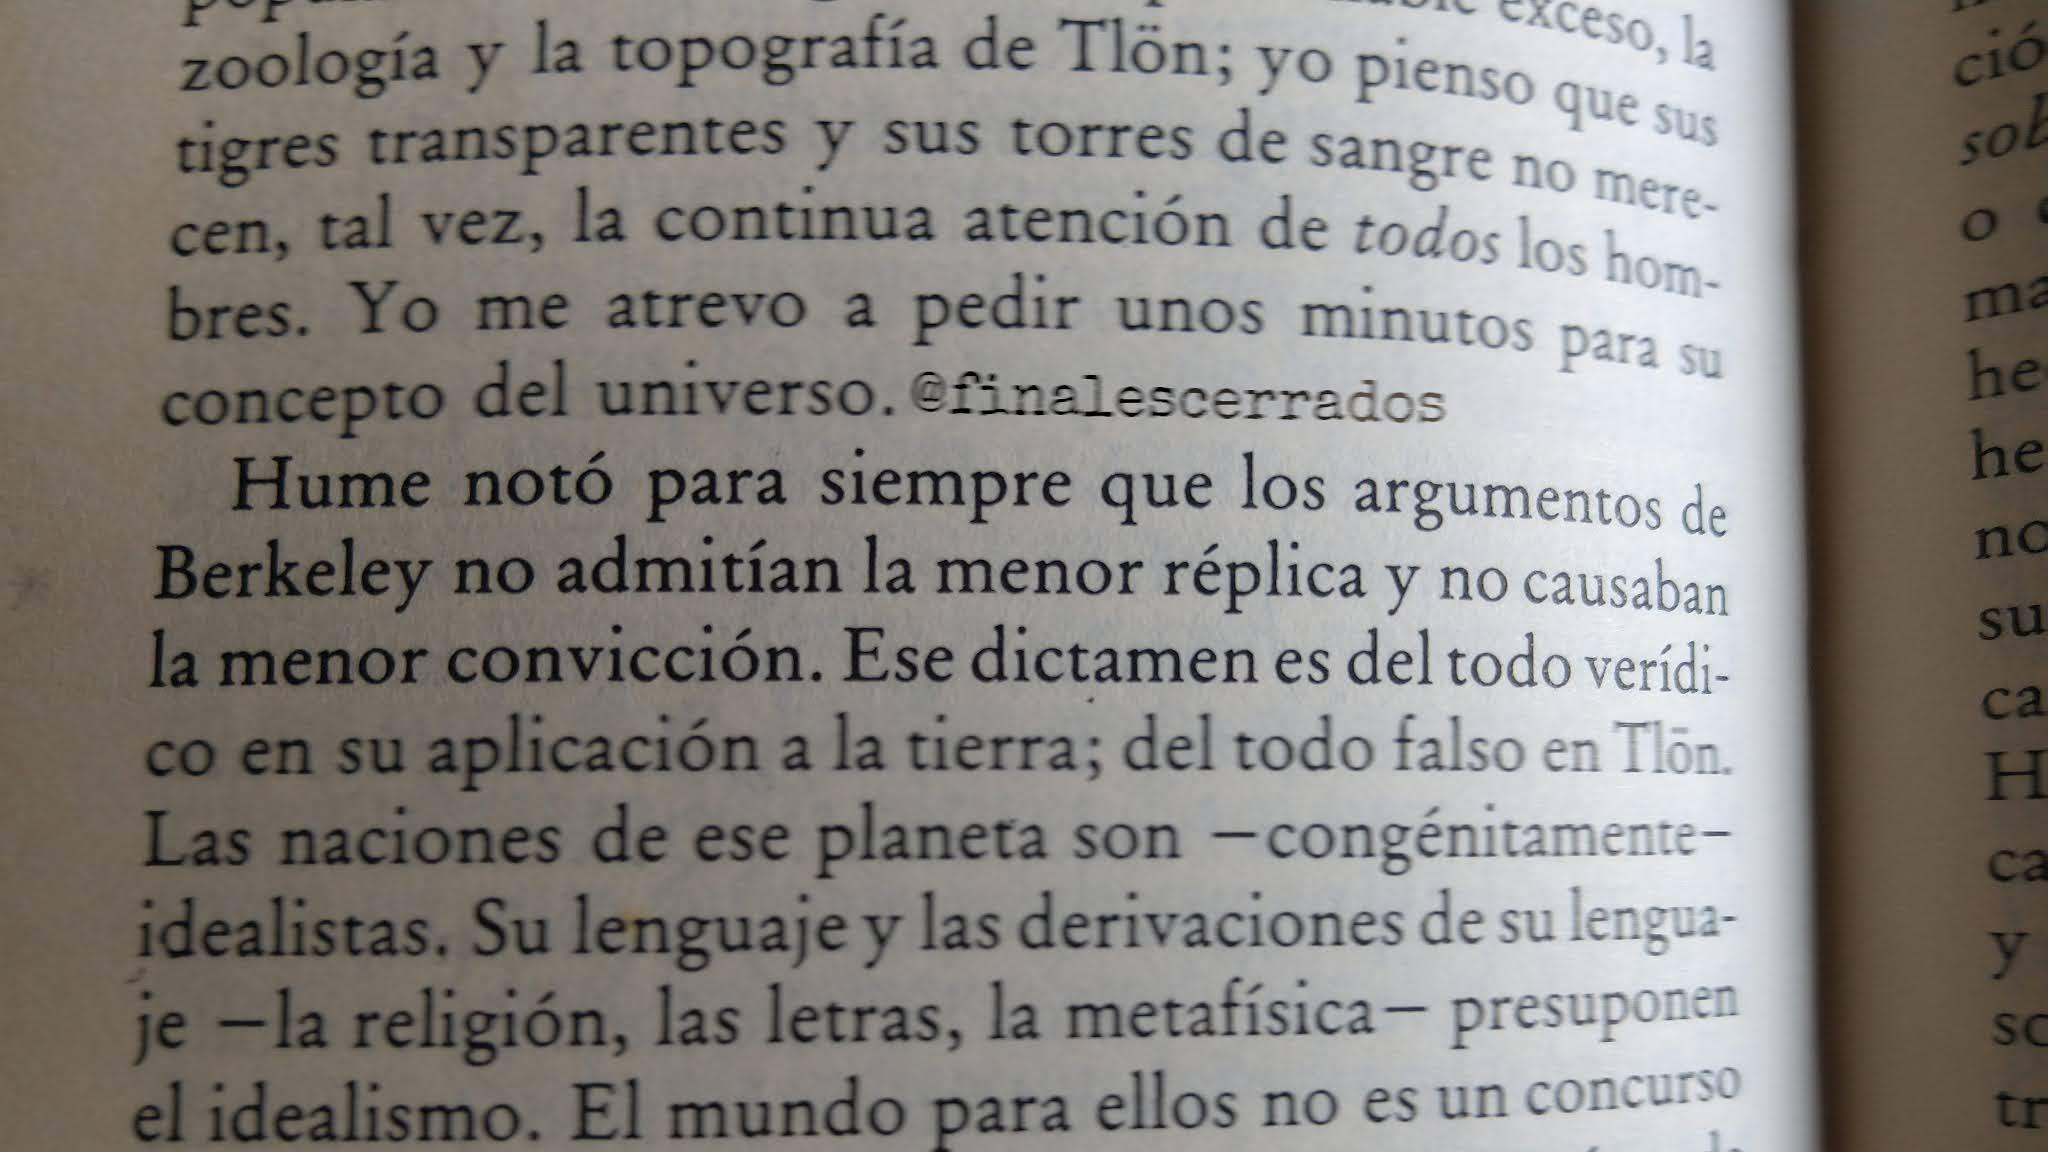 «Hume notó para siempre que los argumentos de Berkeley no admitían la menor réplica y no causaban la menor convicción». Jorge Luis Borges. Tlön, Uqbar, Orbis Tertius.